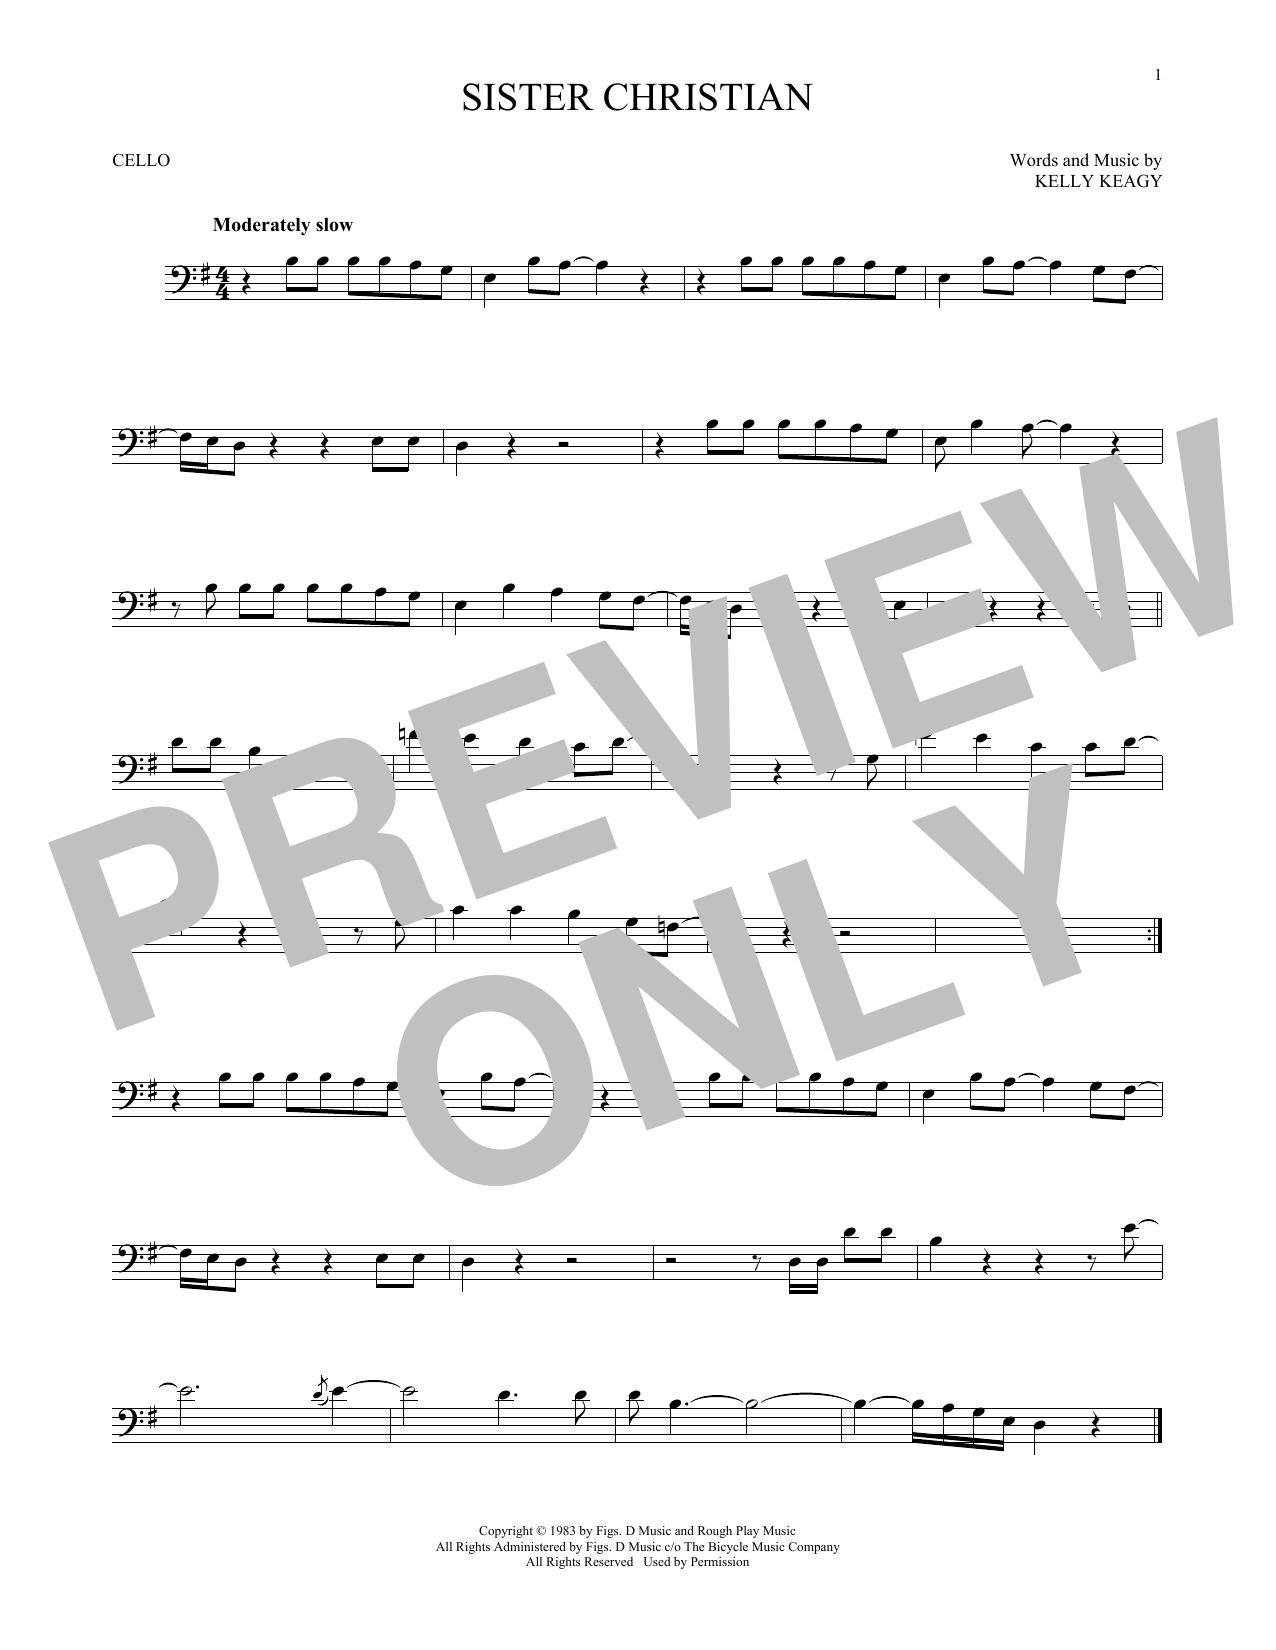 Sister Christian (Cello Solo)